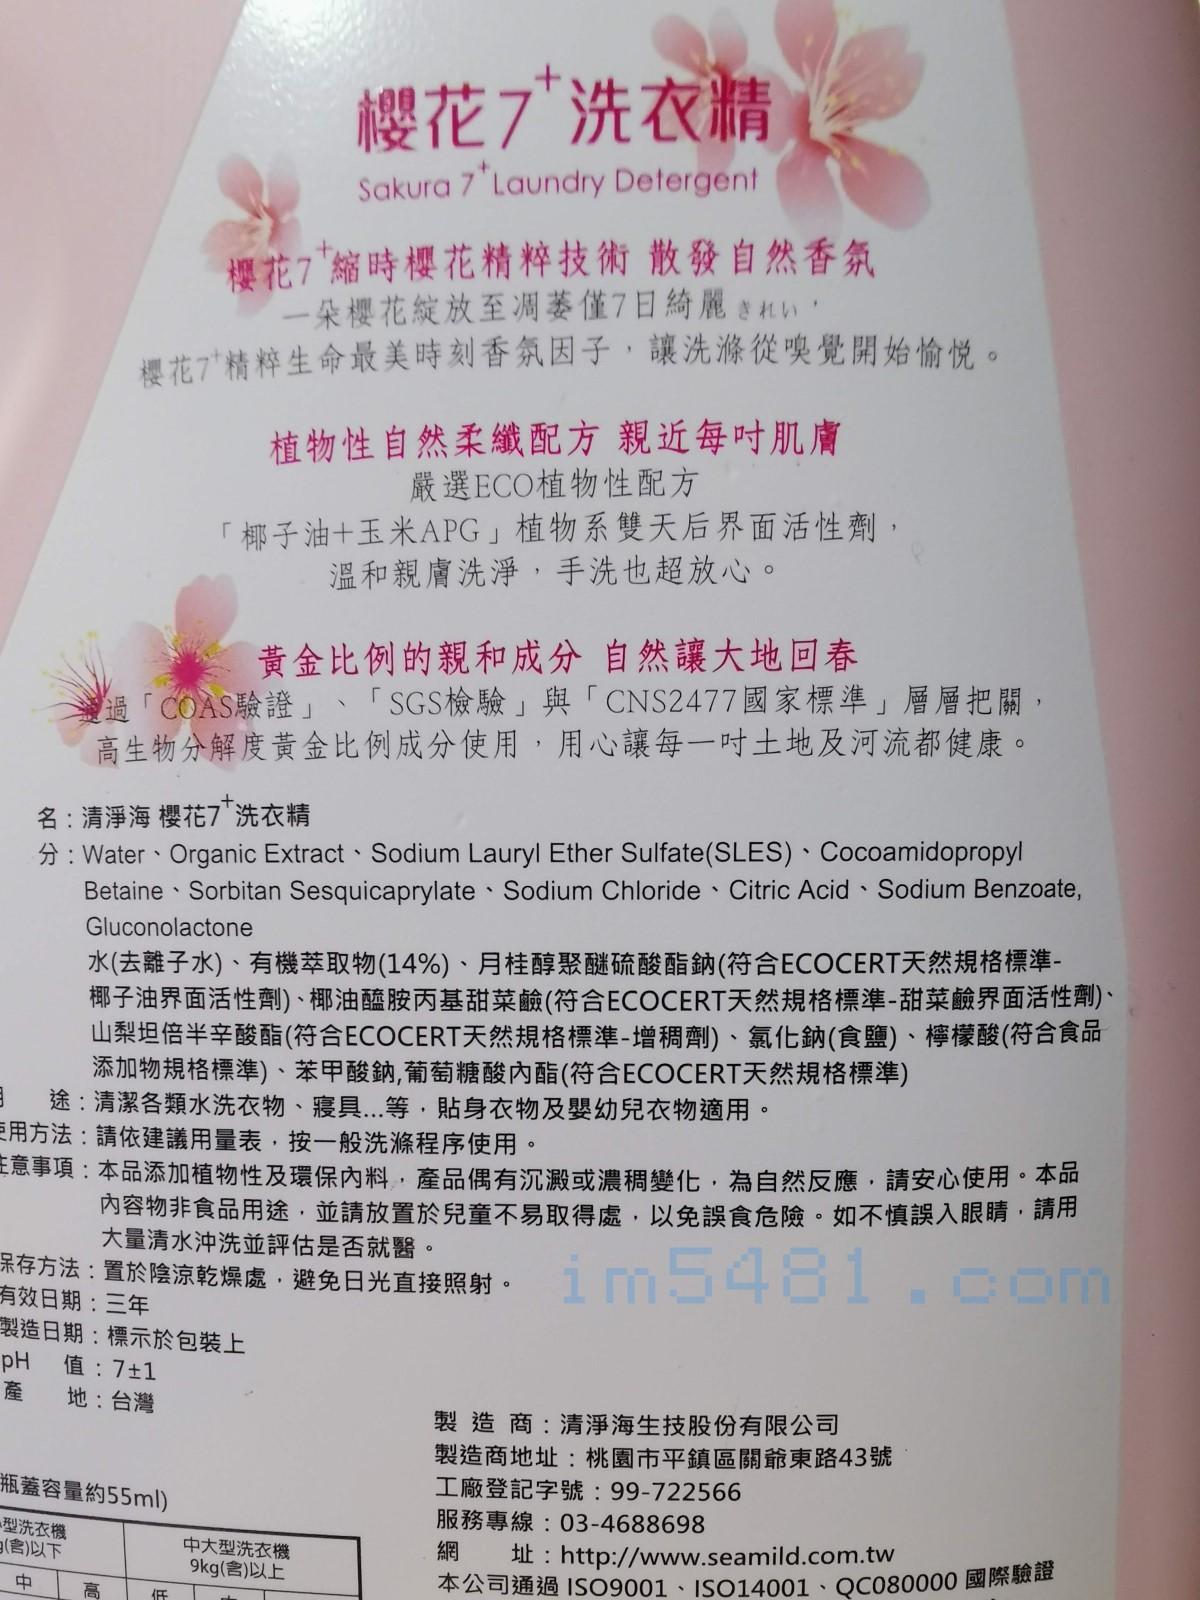 清淨海櫻花7+洗衣精,其使用的是『椰油醯胺丙基甜菜鹼』的兩性離子界面活性劑